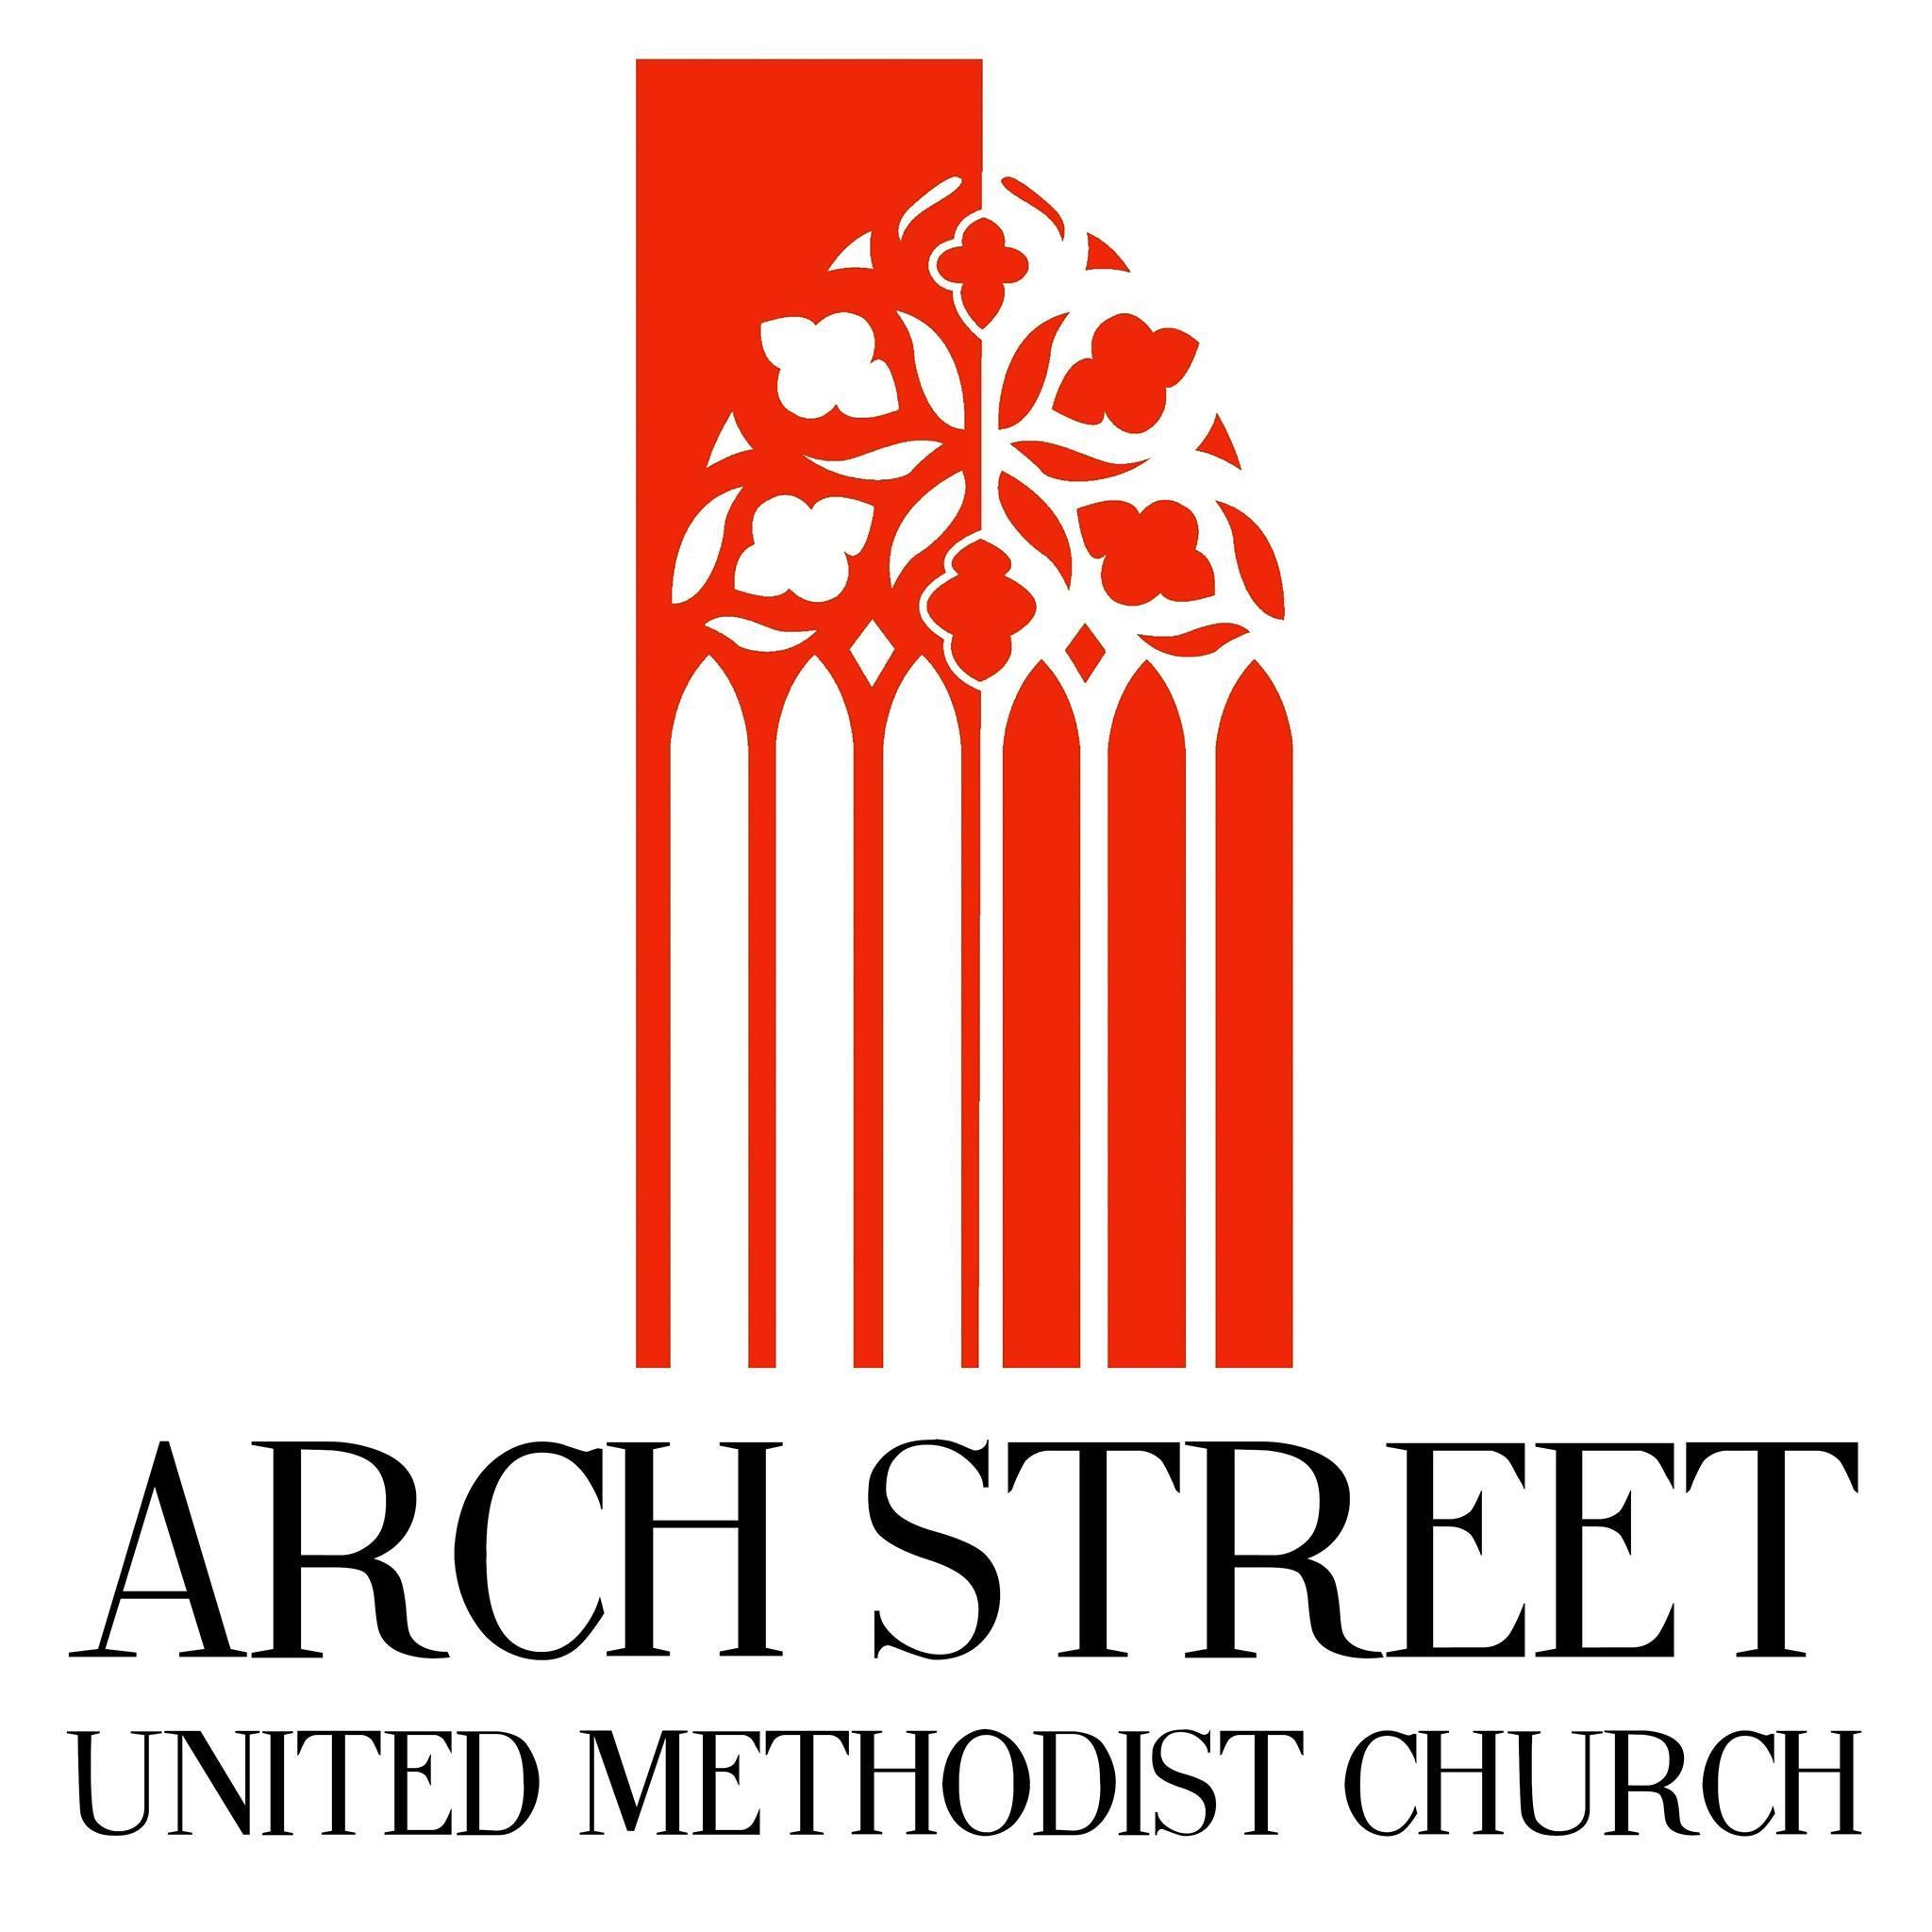 Arch Street United Methodist Church